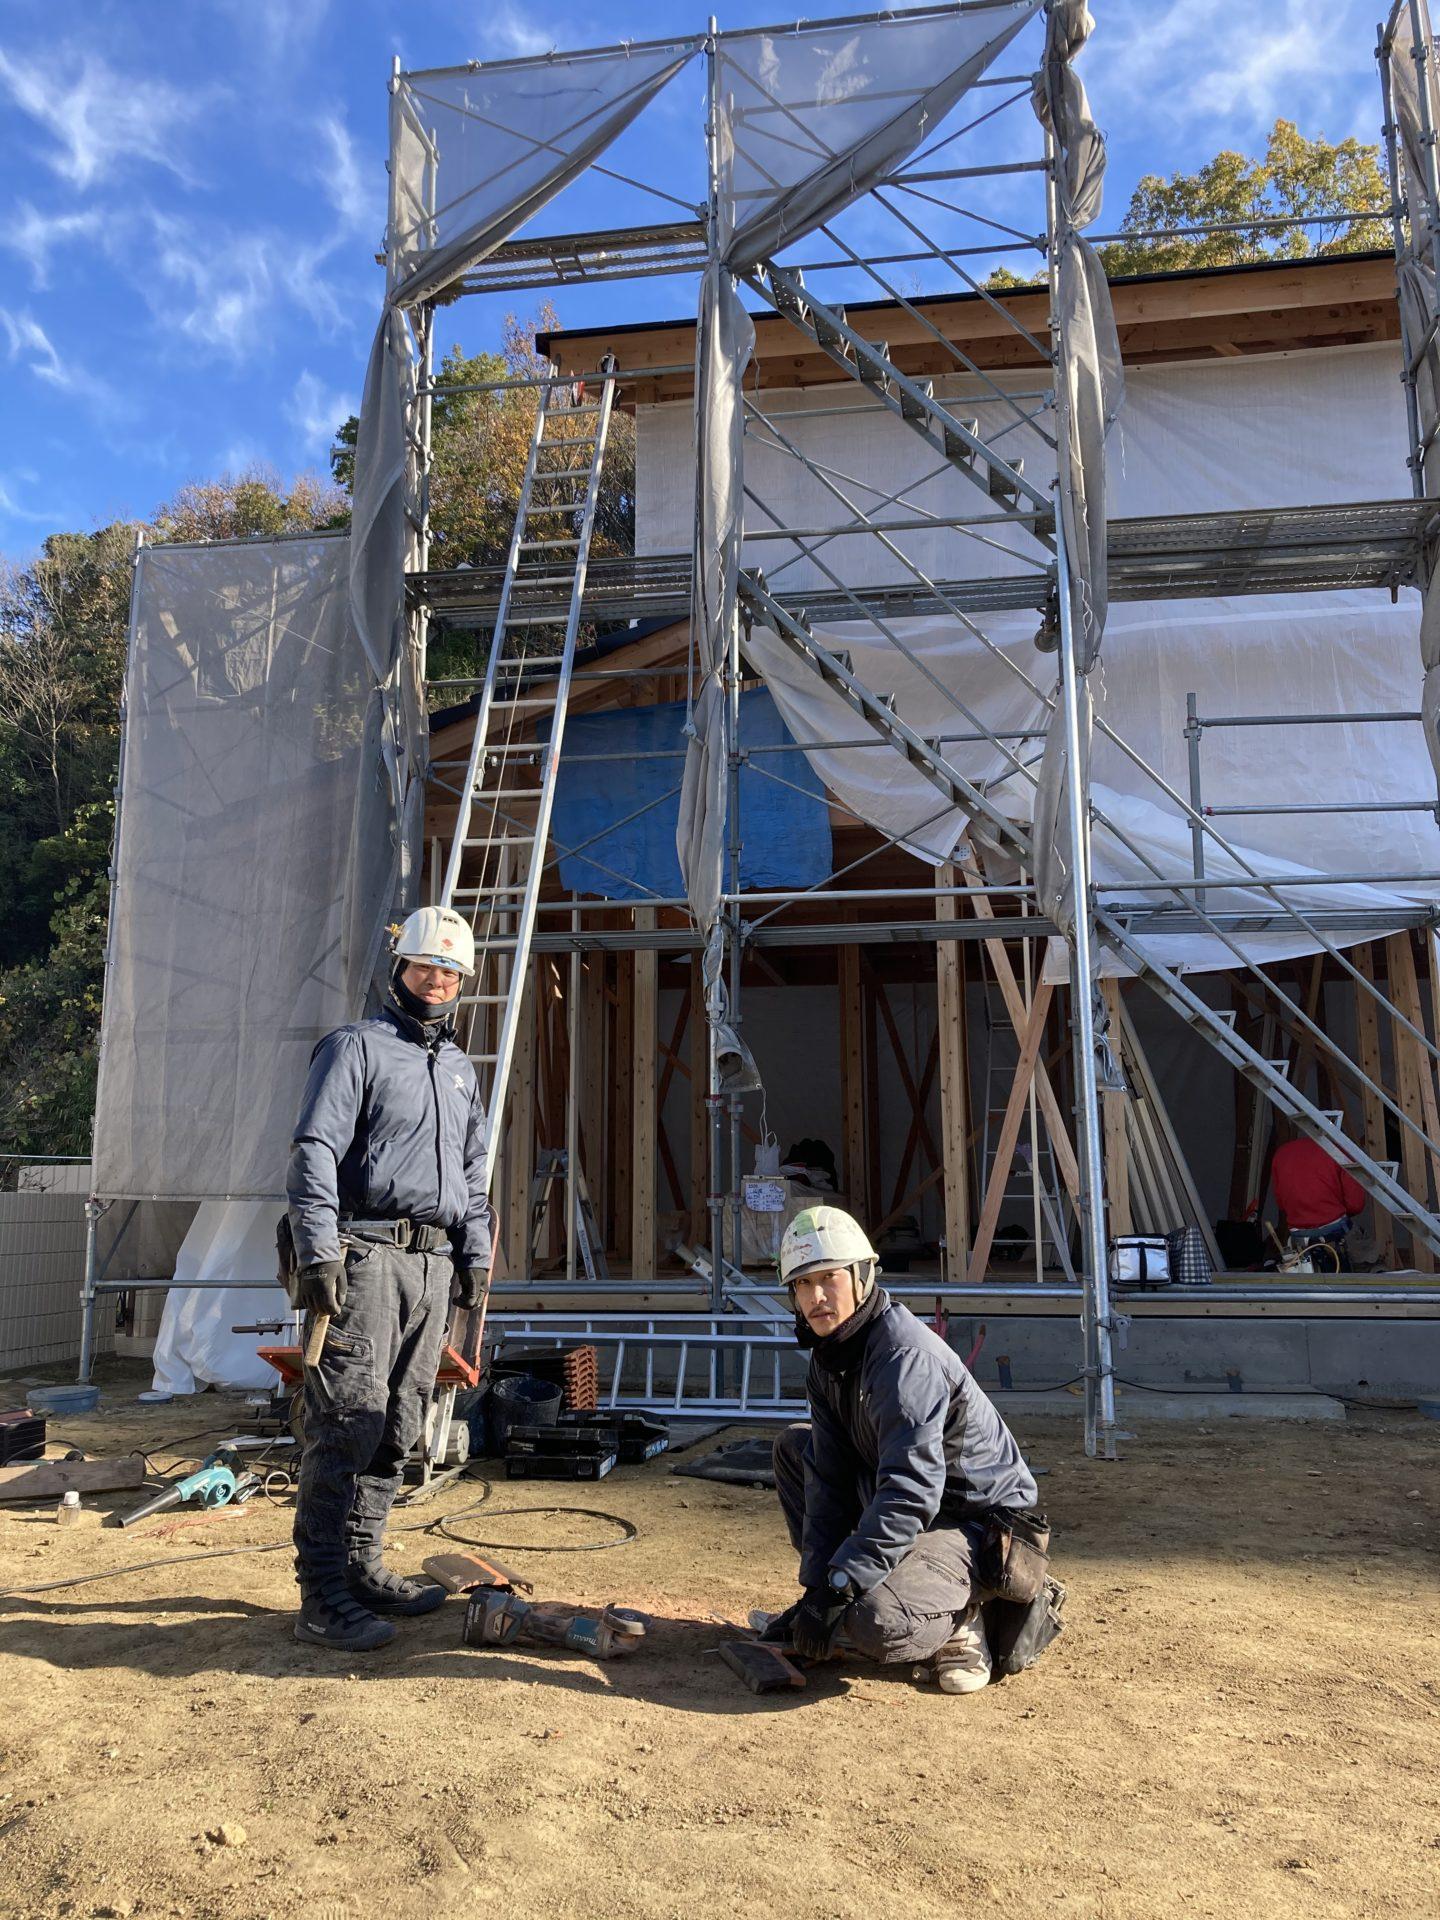 福山市自然素材健康住宅 屋根職人